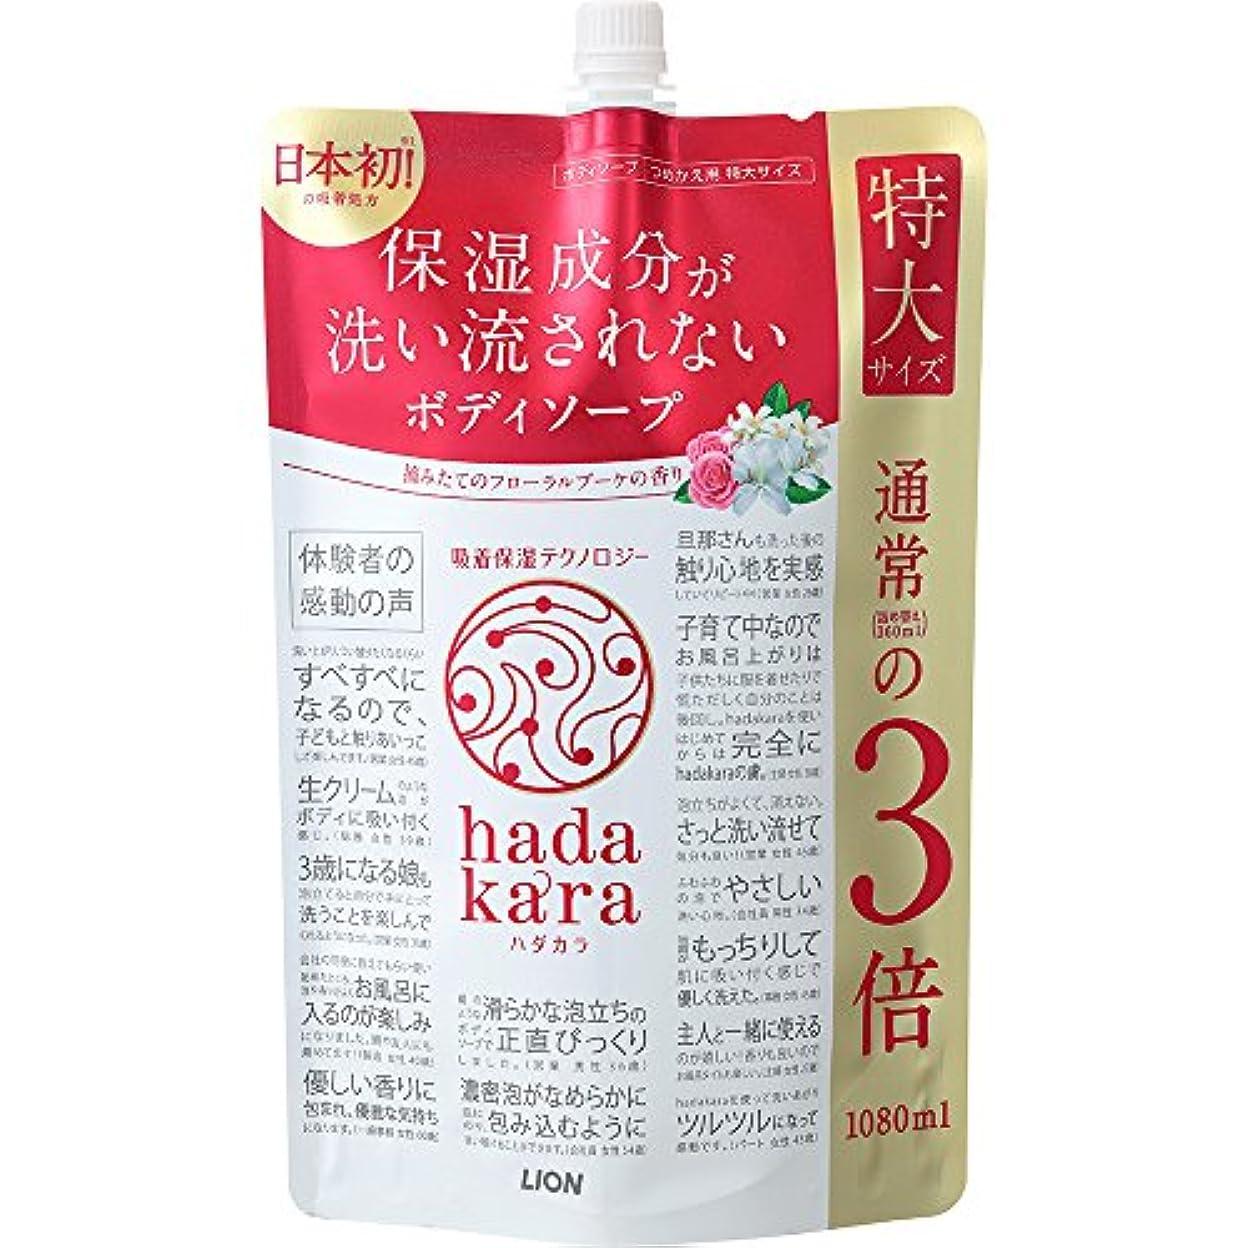 モンク一まだ【大容量】hadakara(ハダカラ) ボディソープ フローラルブーケの香り 詰め替え 特大 1080ml